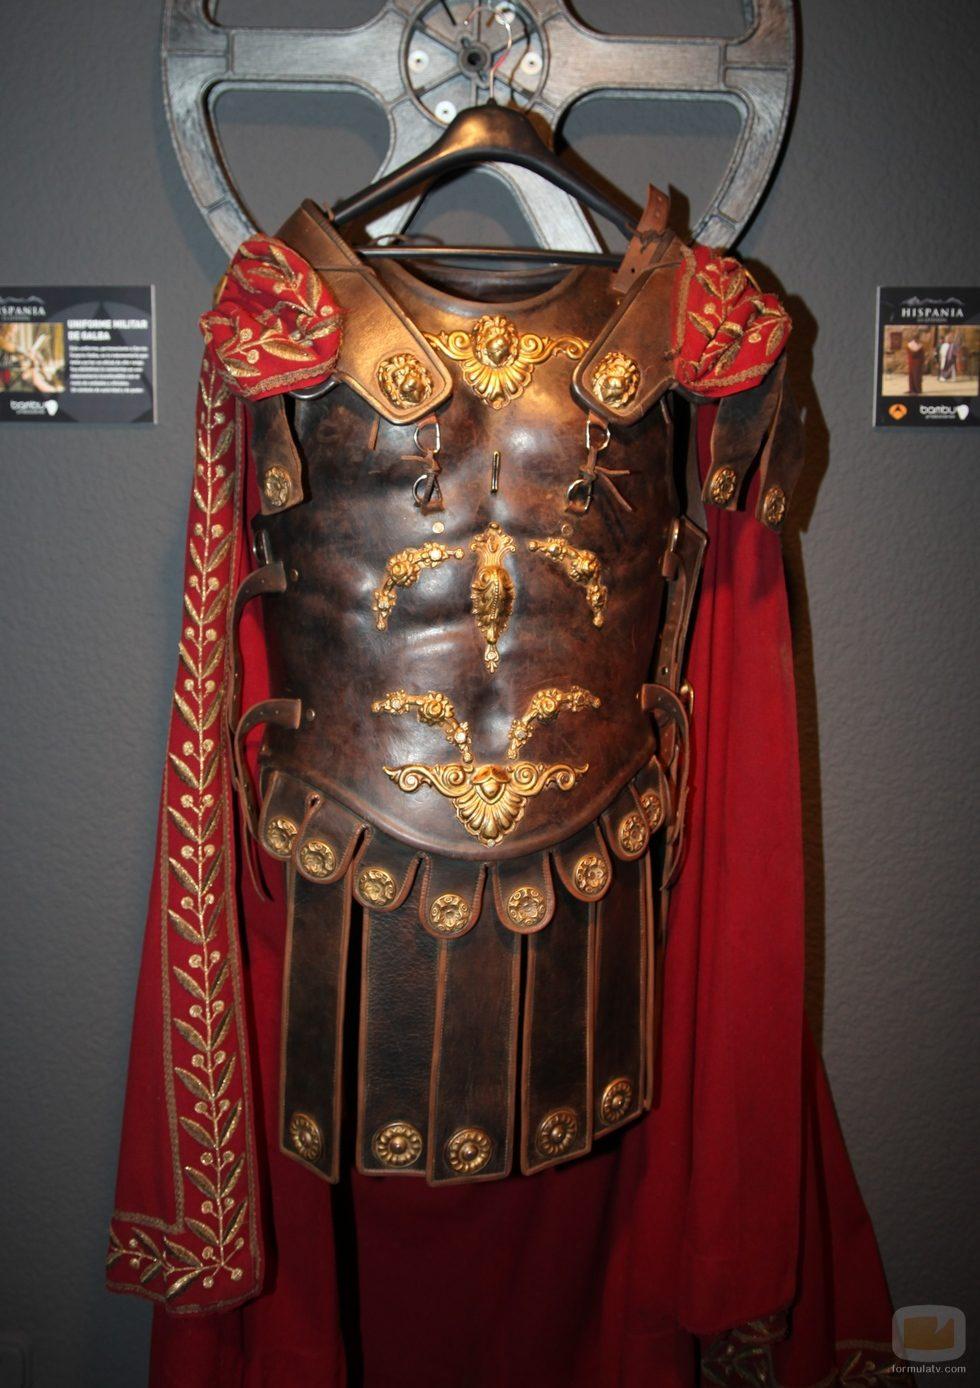 El traje militar de Galba de 'Hispania' en la exposición de series del FesTVal 2012